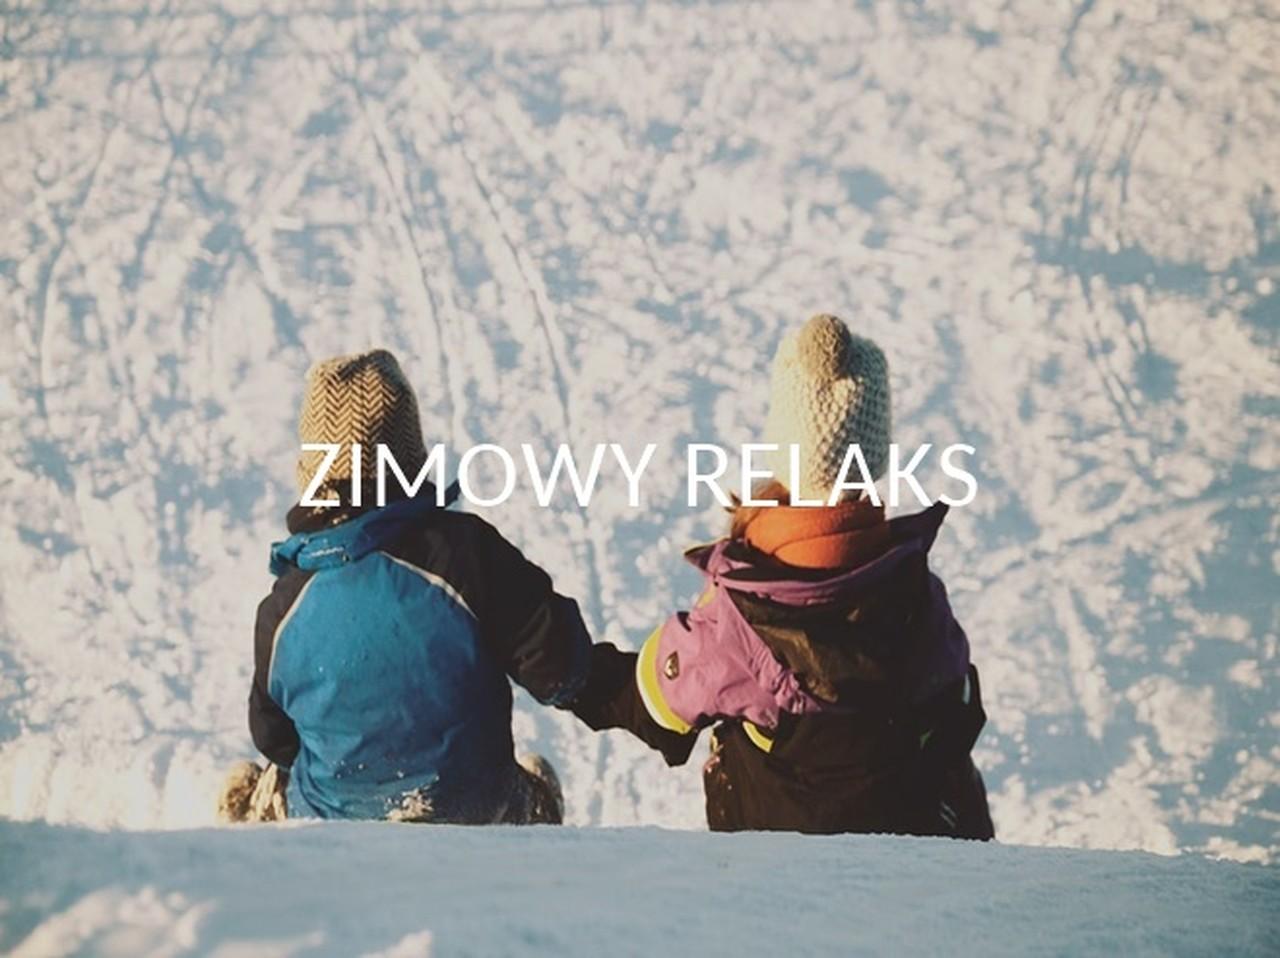 zimowy relaks kafelek